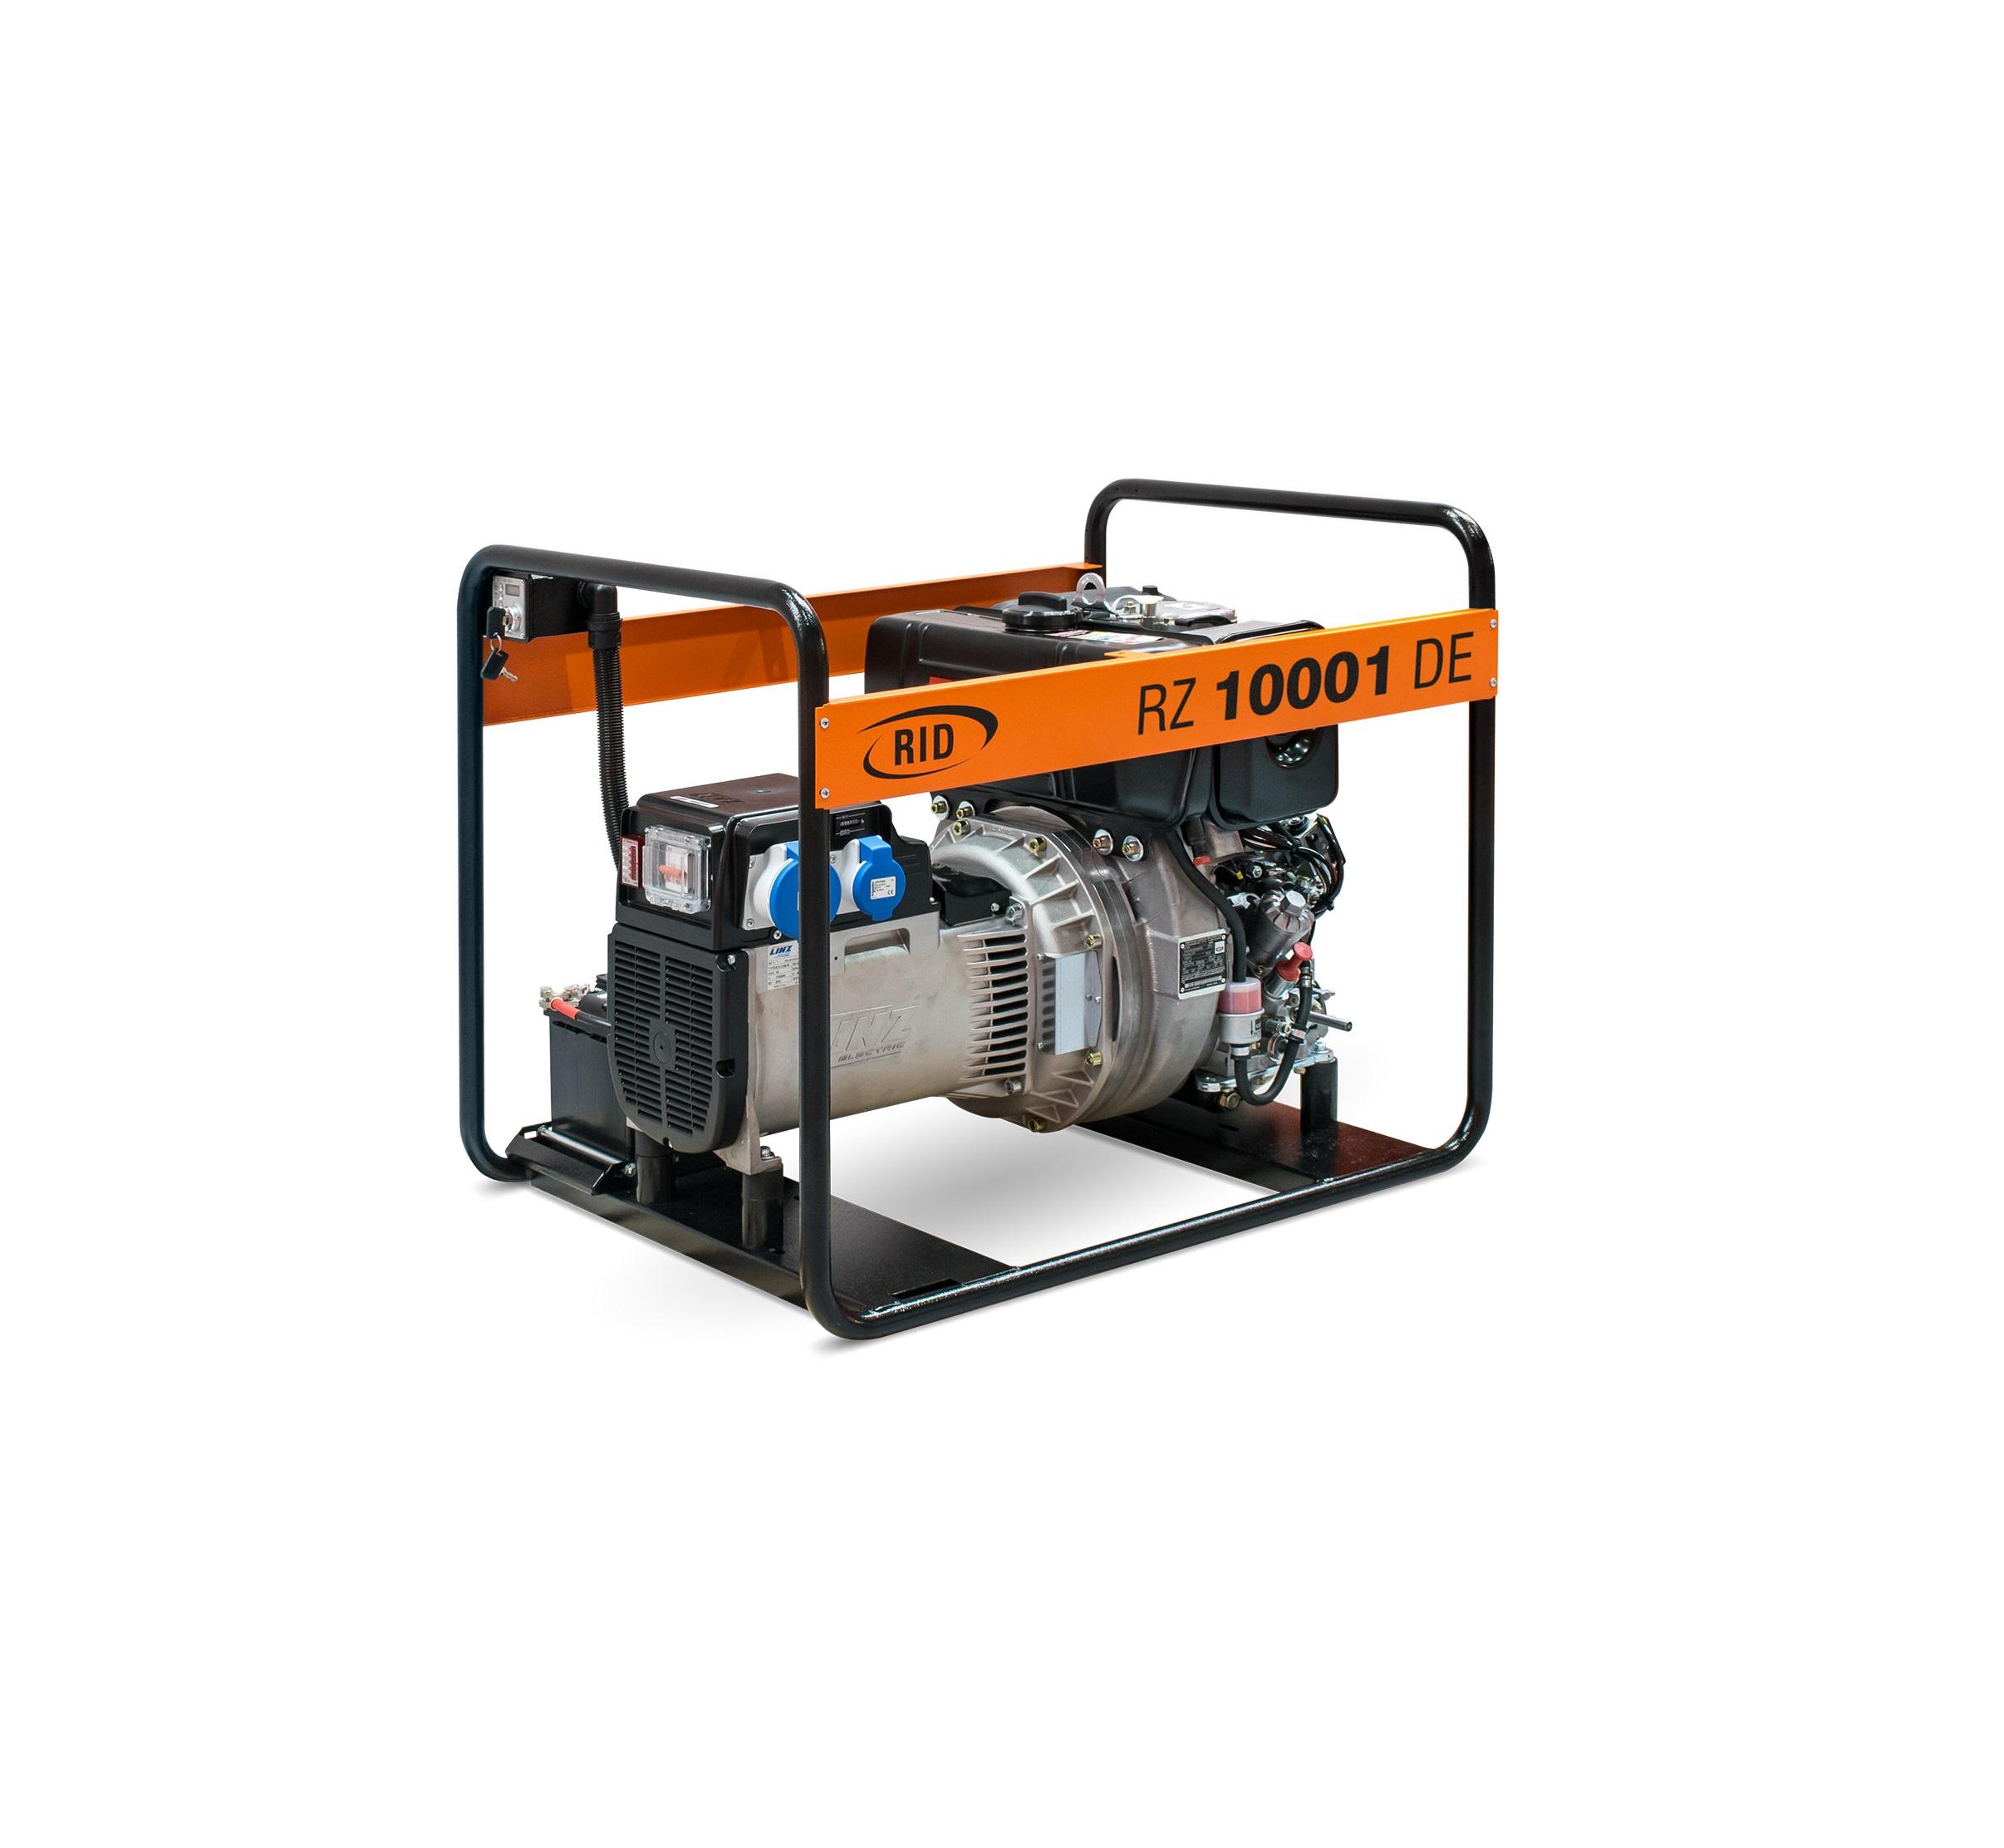 Дизельный генератор (электростанция) RID RZ 10001 DE